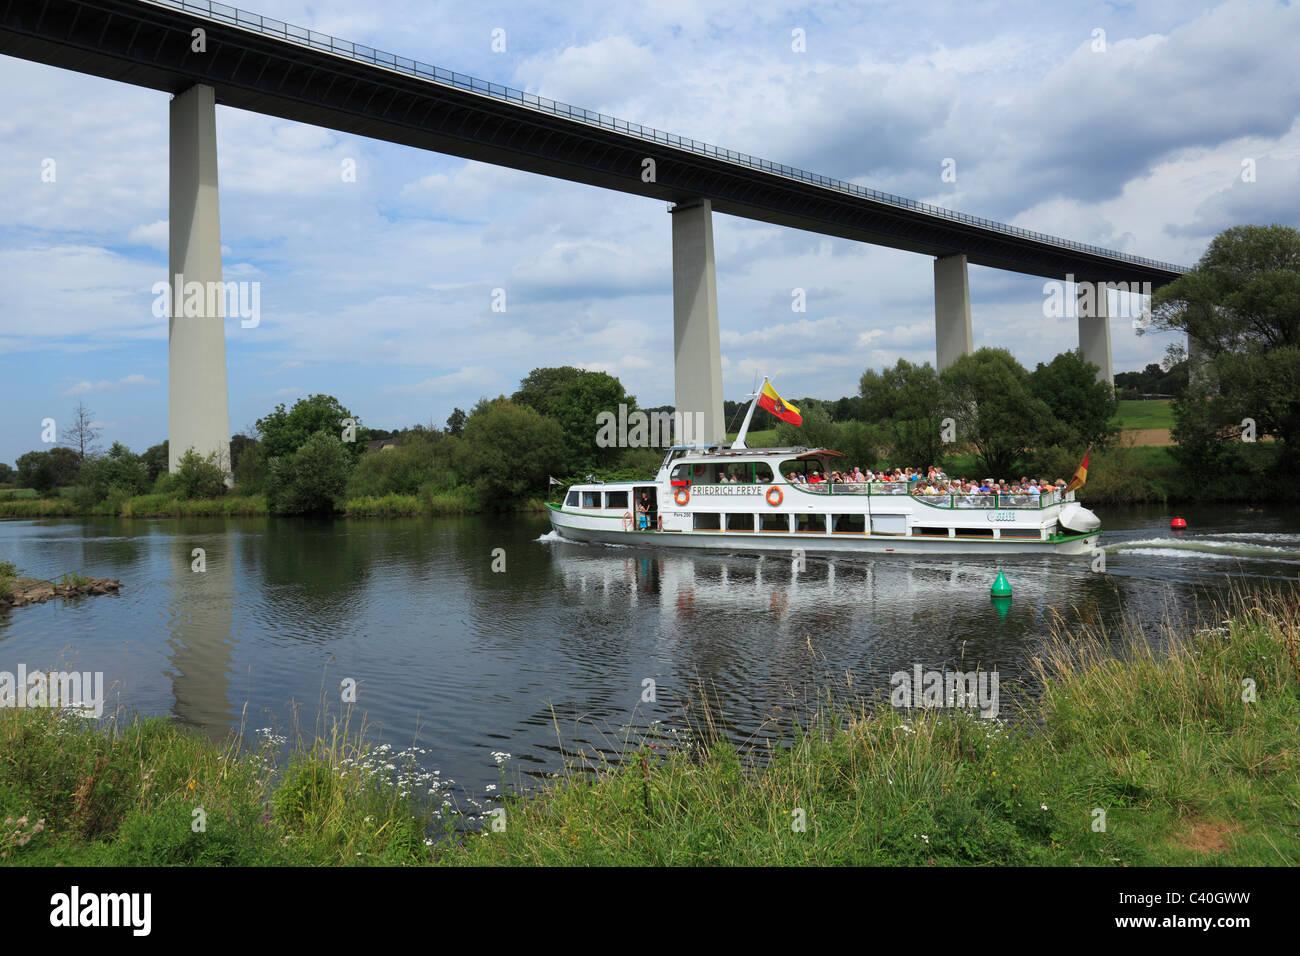 Iexcursion boat, white fleet, Mintarder Ruhr valley bridge, bridge, Mulheim on Ruhr, Ruhr area, North Rhine-Westphalia, - Stock Image